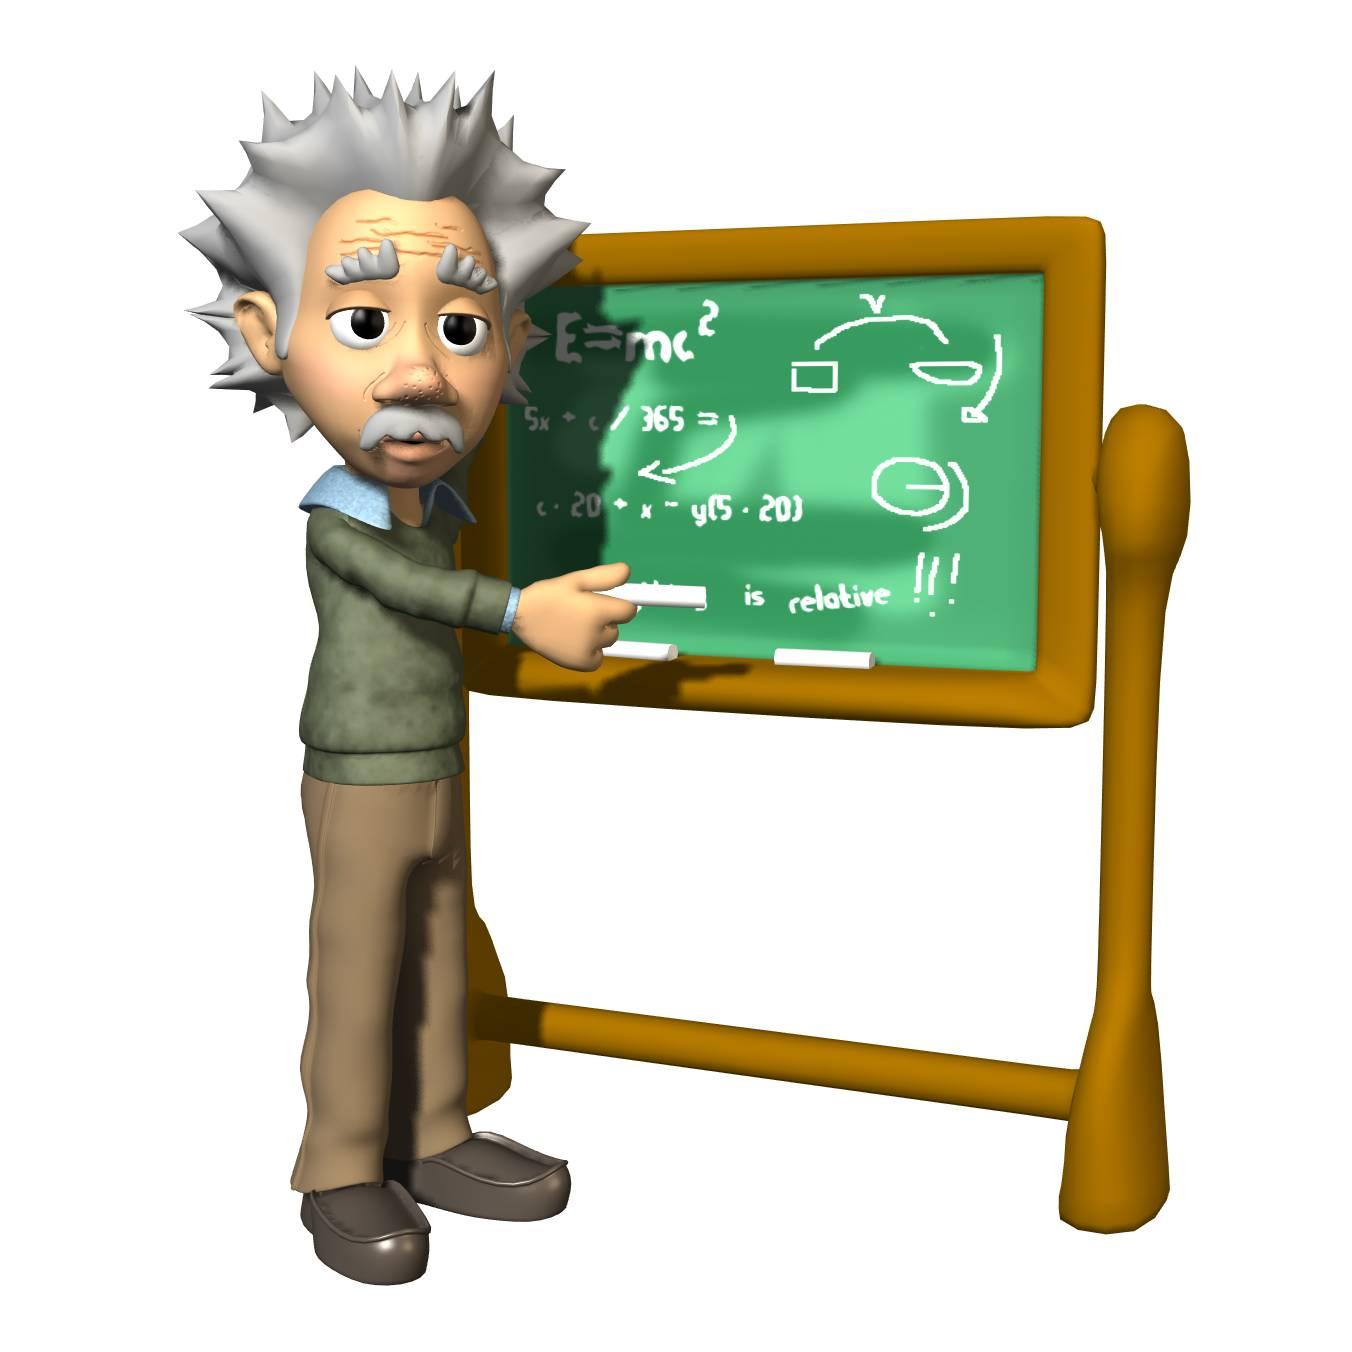 Богатыри мультфильма, картинки и анимации по физике